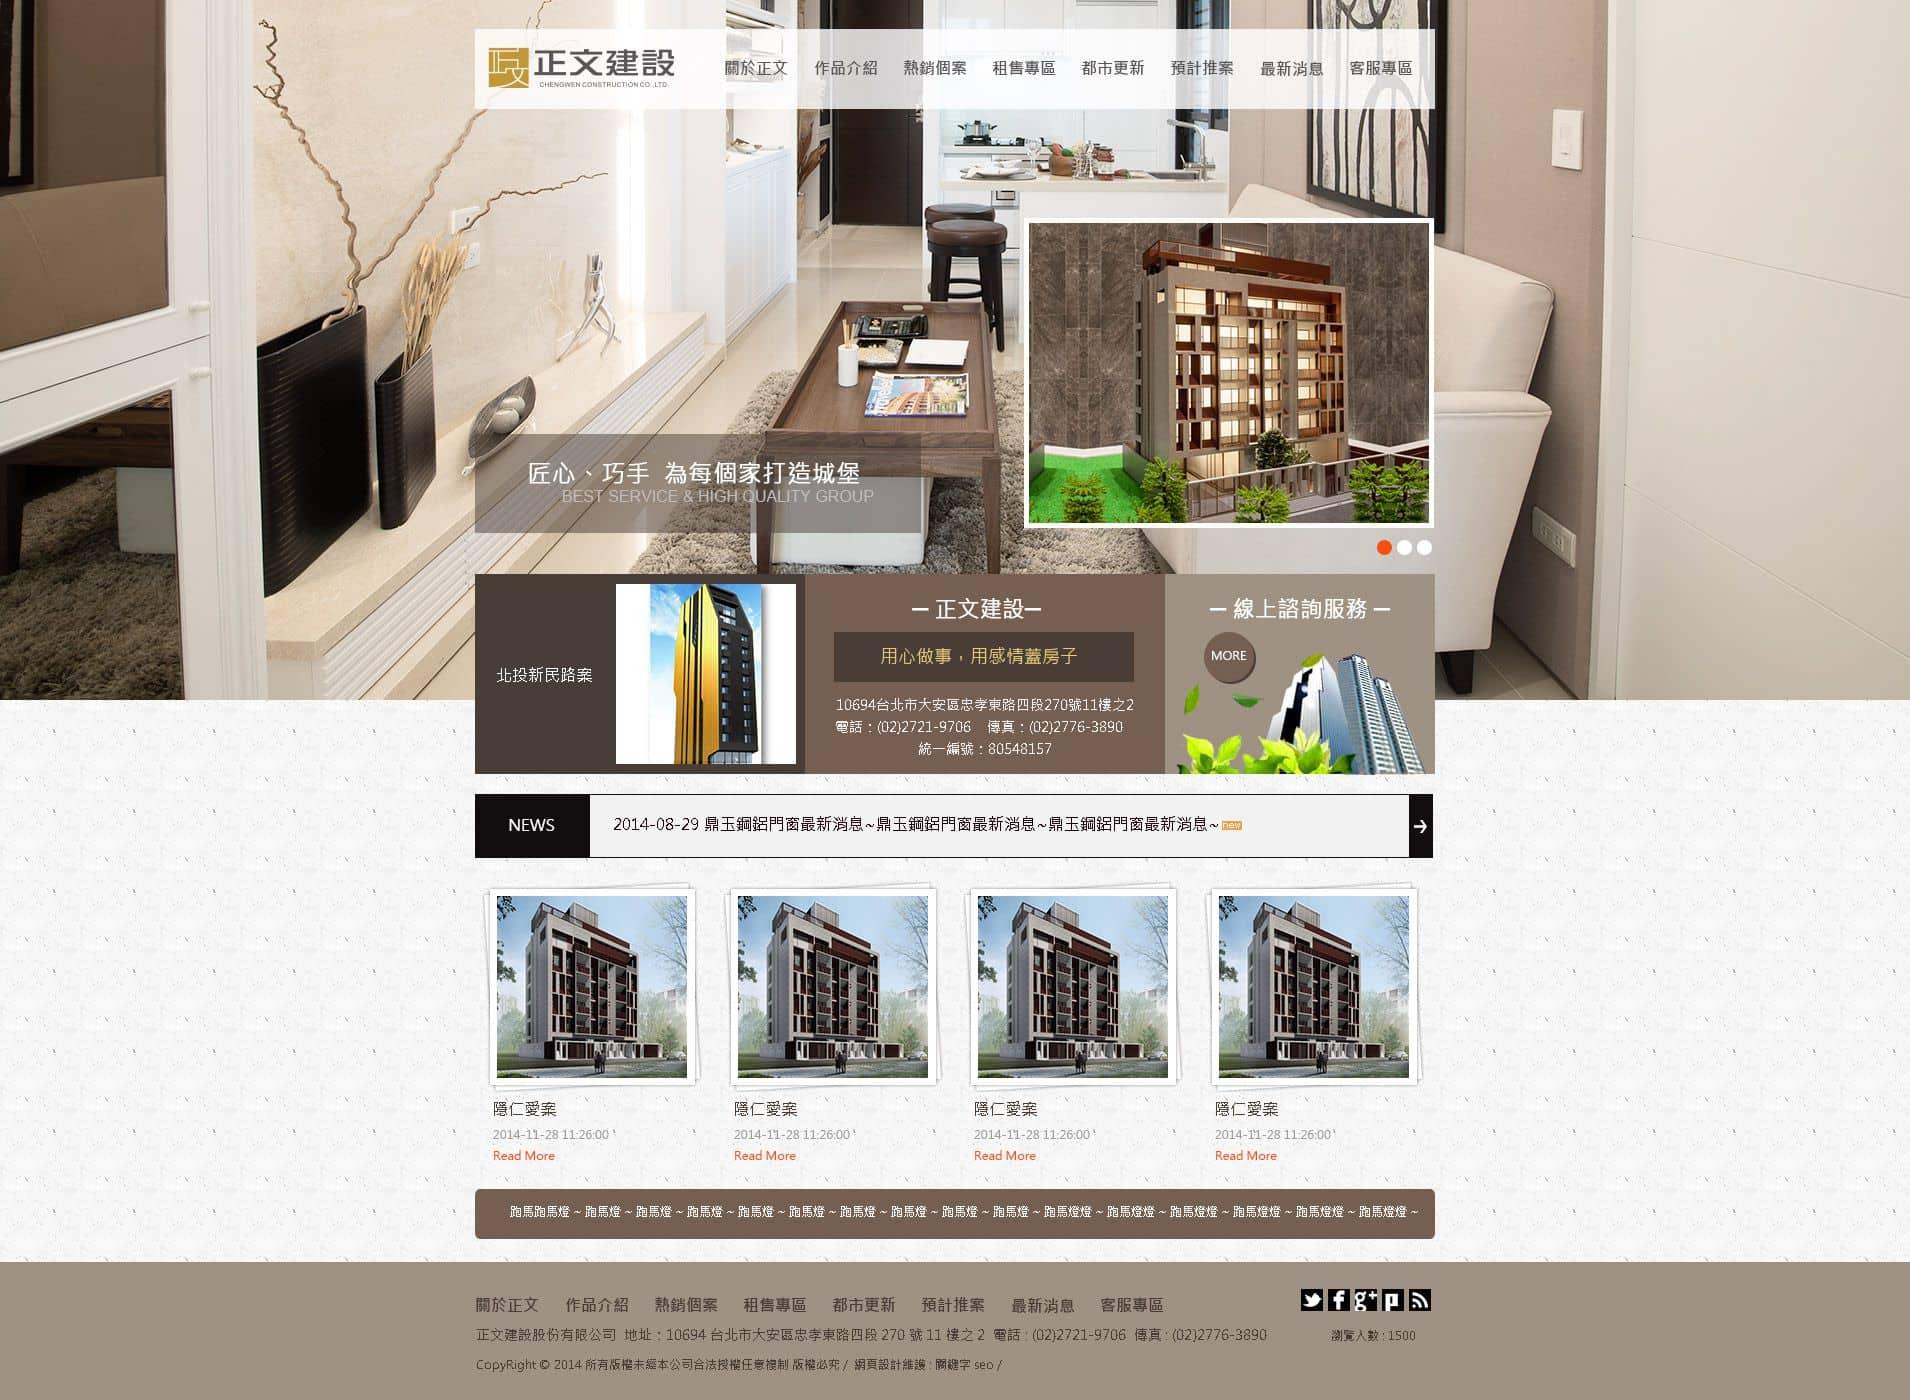 正文建設網頁設計-seo關鍵字排名 | 網頁設計超值特惠方案 | seo 網站優化 | 蘋果seo關鍵字-正文建設網頁設計